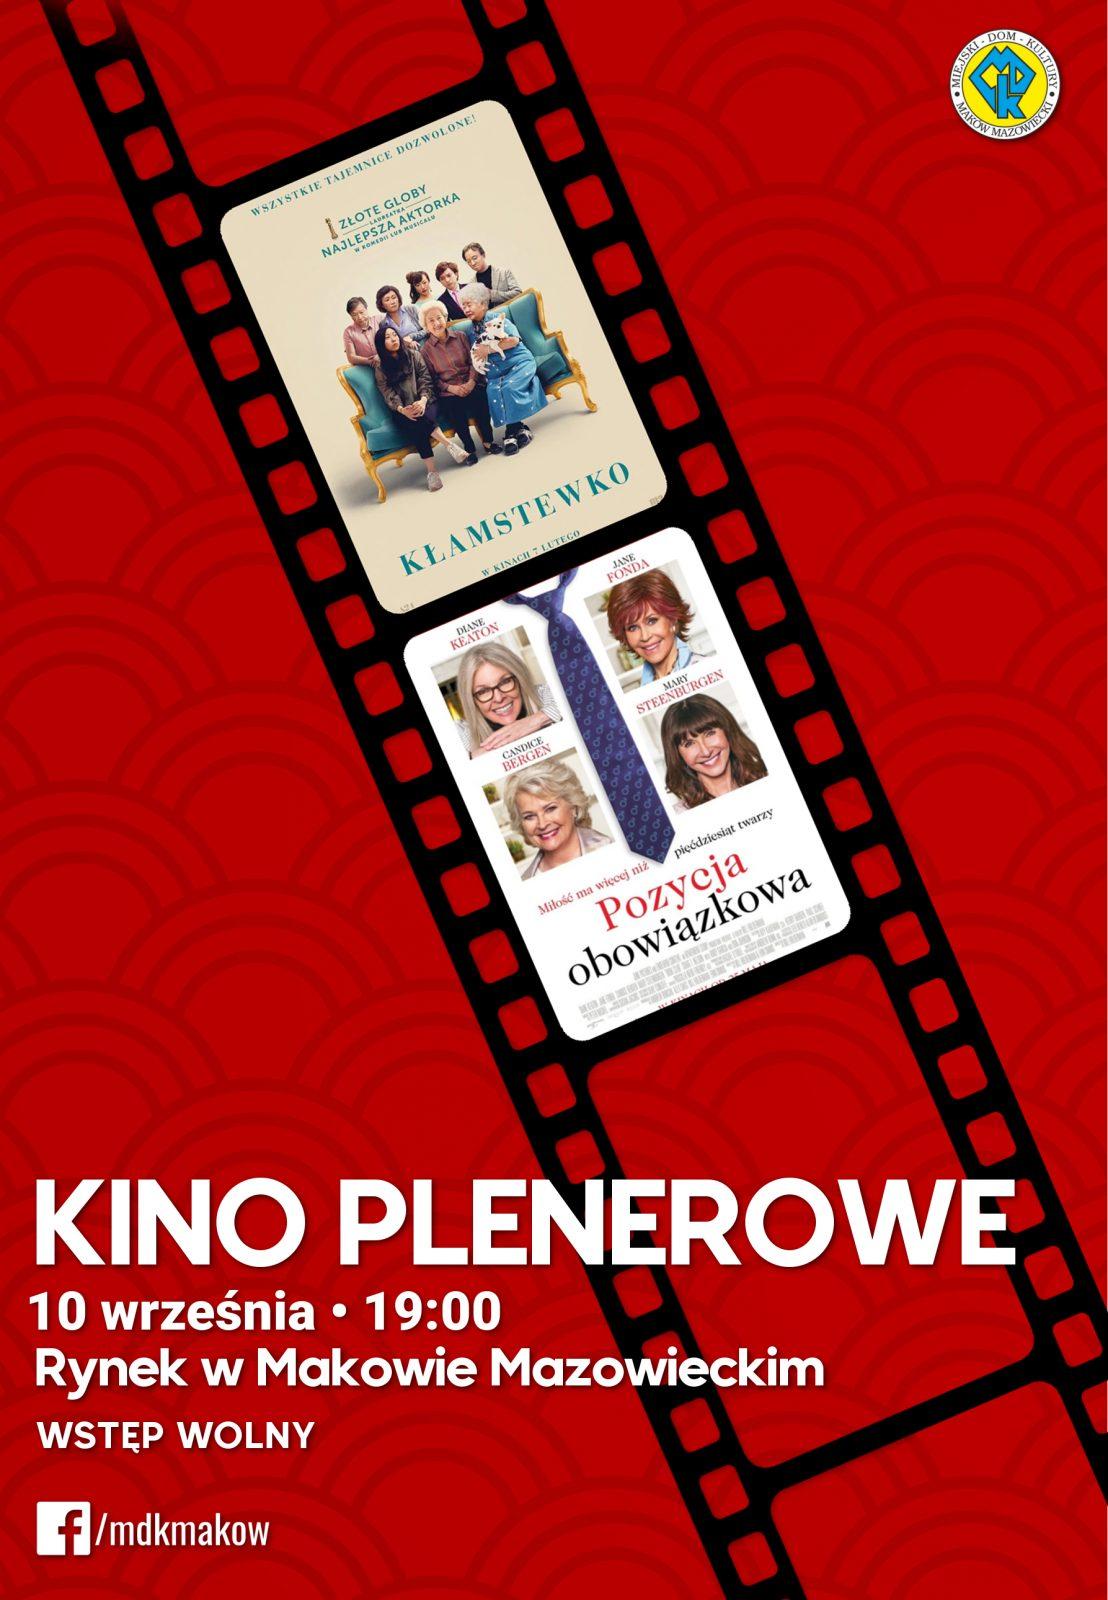 Plakat kina plenerowego, które odbędzie się 10 września na Rynku w Makowie Mazowieckim